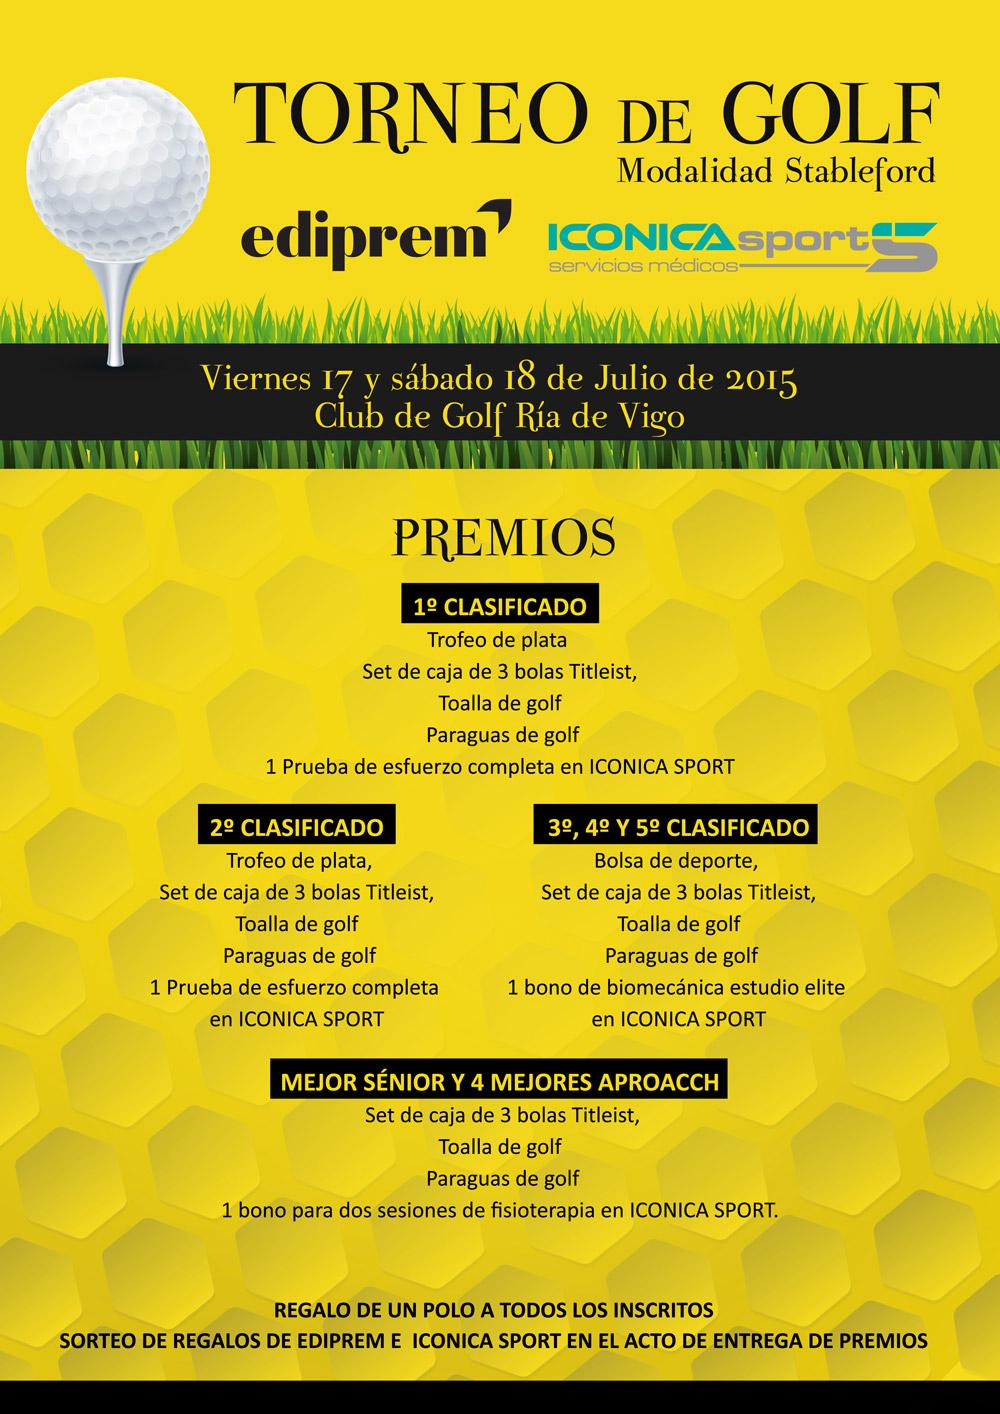 Torneo-de-Golf-'EDIPREM-ICONICA-SPORTS'-en-el-Club-de-Golf-Ría-de-Vigo